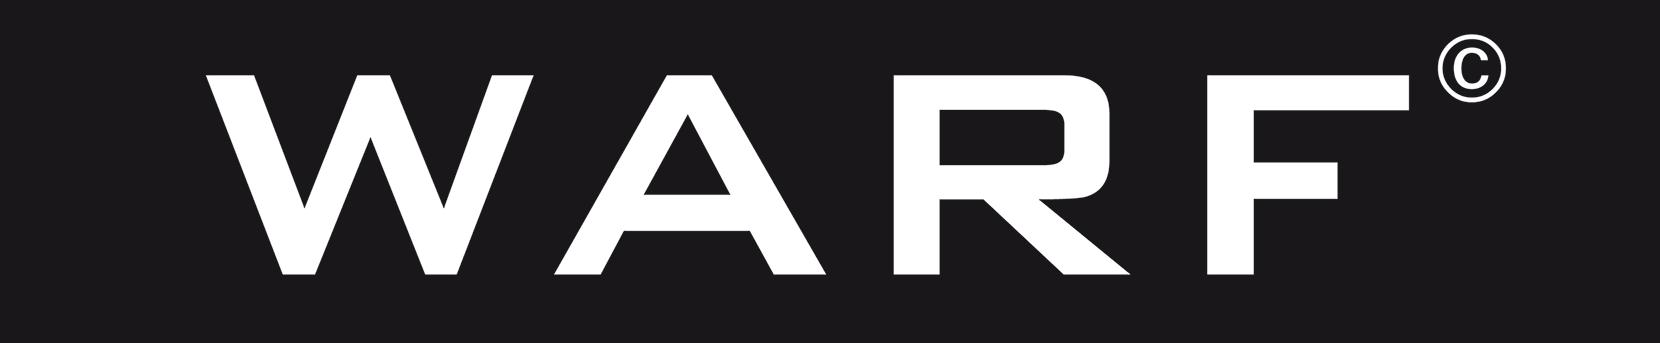 Das hier ist das wunderschöne Logo von der Agentur WARF.